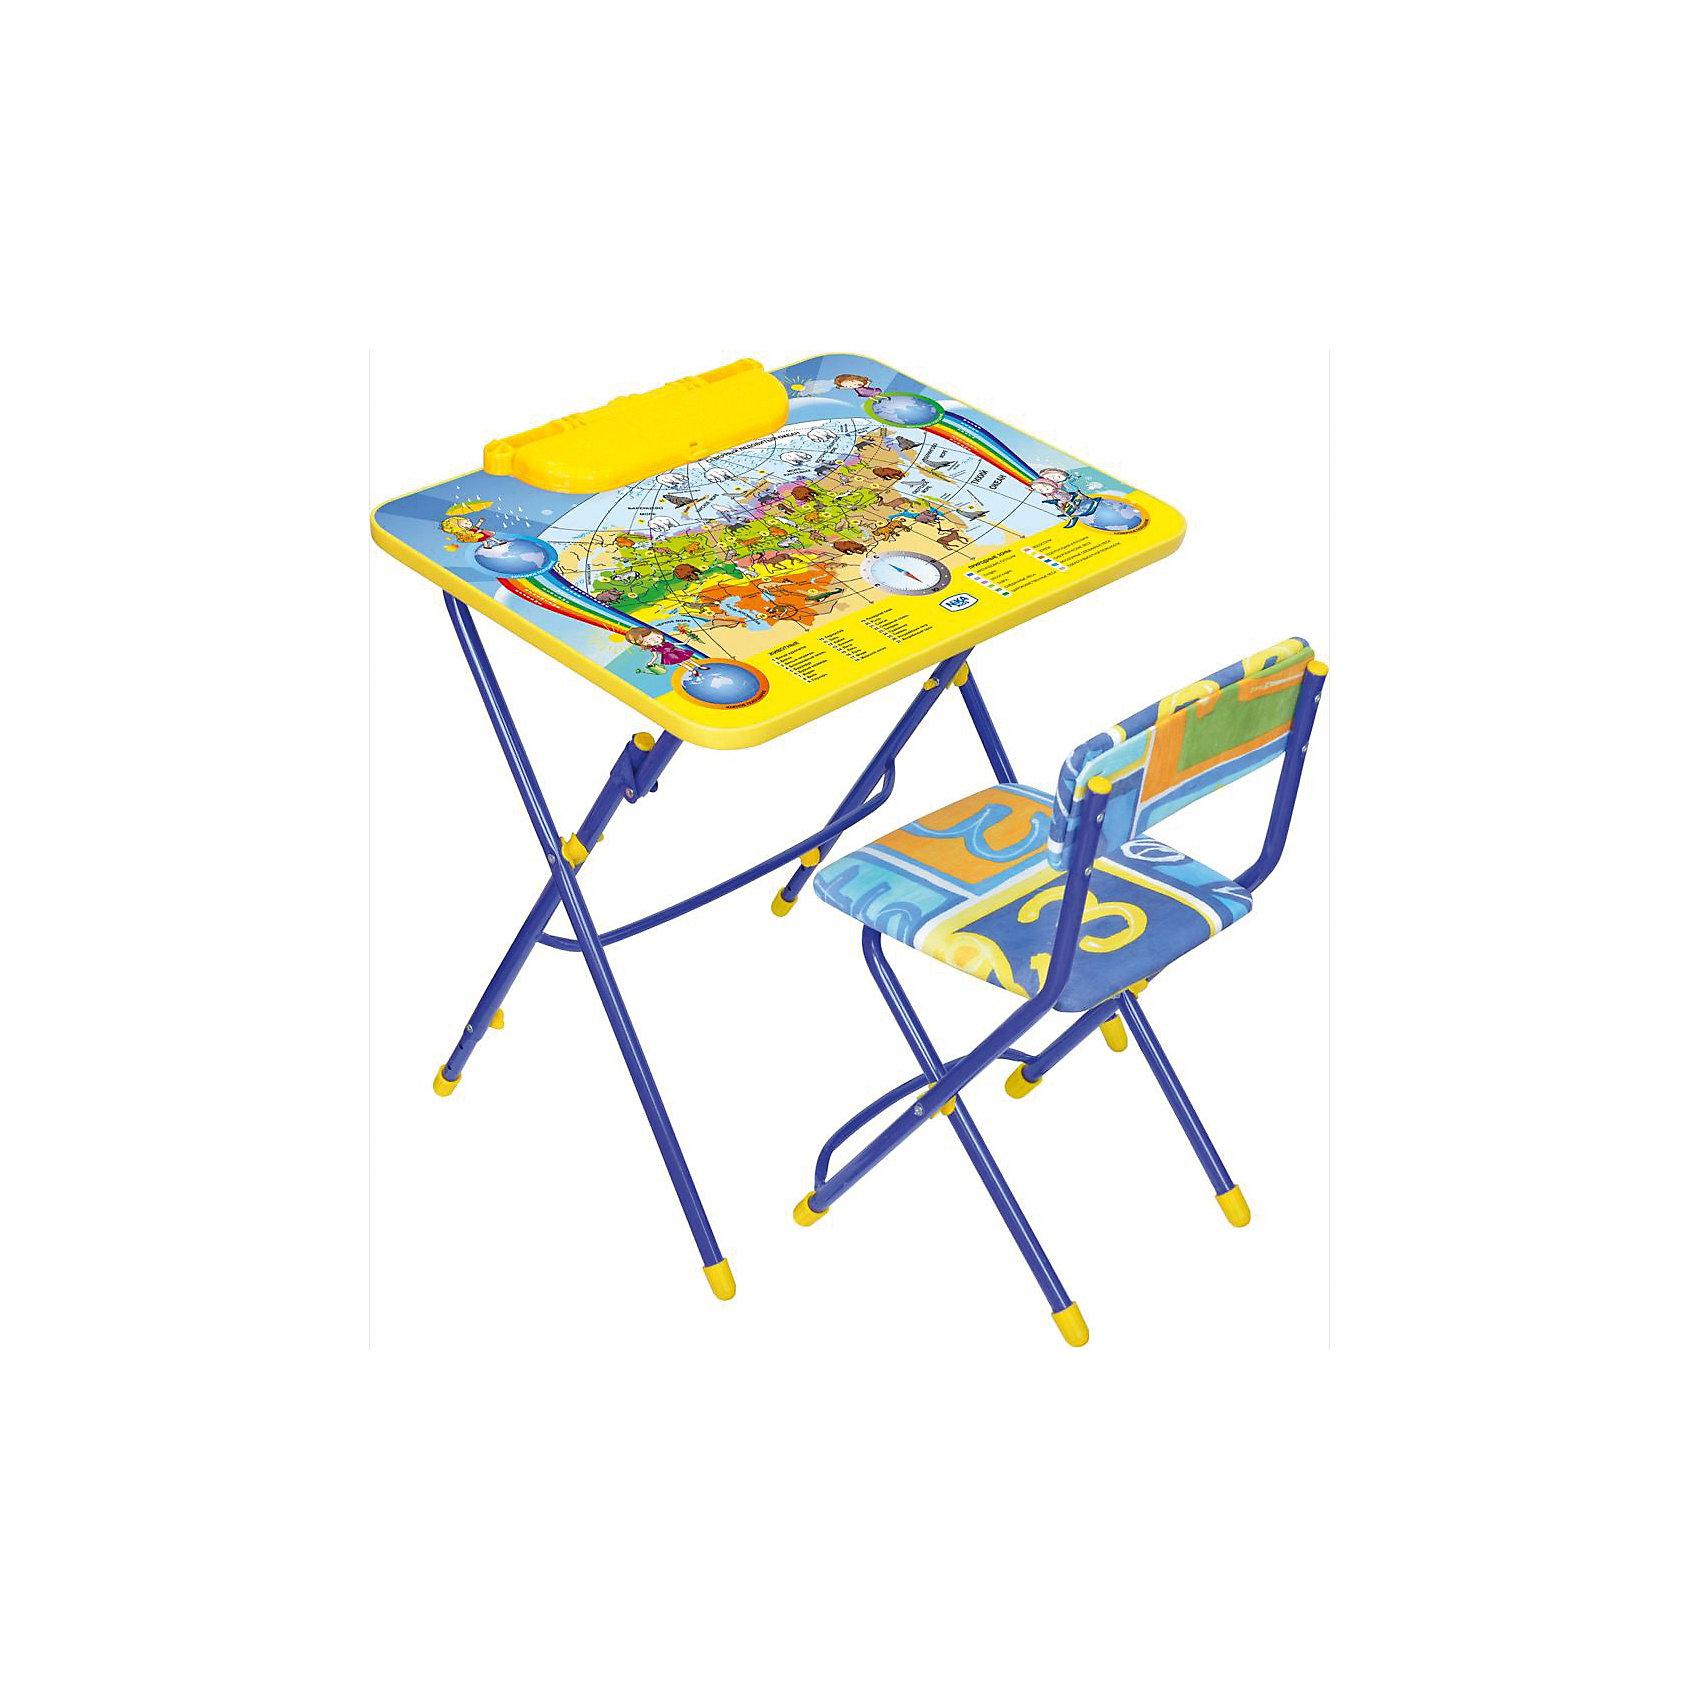 Набор мебели Никки КУ3/10 Познаю мир, НикаХарактеристики товара:<br><br>• материал: металл, пластик, текстиль<br>• размер столешницы: 60х45 см<br>• высота стола: 58 см<br>• сиденье: 31х27 см<br>• высота до сиденья: 32 см<br>• высота со спинкой 57 см<br>• подставка для ног<br>• стул с мягким сиденьем (флок)<br>• пенал<br>• складной<br>• на столешнице - полезные рисунки<br>• на ламинированной поверхности стола можно рисовать маркером на водной основе<br>• на ножках пластмассовые наконечники<br>• складной<br>• возраст: от 3 до 7 лет<br>• страна бренда: Российская Федерация<br>• страна производства: Российская Федерация<br><br>Детская мебель может быть удобной и эргономичной! Этот комплект разработан специально для детей от трех до семи лет. Он легко складывается и раскладывается, занимает немного места, легко моется. Каркас сделан из прочного, но легкого металла, а на ножках установлены пластмассовые наконечники для защиты напольного покрытия. Столешница украшена полезными познавательными рисунками. Отличное решение как для кормления малыша, так и для игр, творчества и обучения!<br>Правильно подобранная мебель помогает ребенку расти здоровым, формироваться правильной осанке. Изделие производится из качественных сертифицированных материалов, безопасных даже для самых маленьких.<br><br>Набор мебели Никки КУ3/10 Познаю мир от бренда Ника можно купить в нашем интернет-магазине.<br><br>Ширина мм: 750<br>Глубина мм: 155<br>Высота мм: 610<br>Вес г: 8140<br>Возраст от месяцев: 36<br>Возраст до месяцев: 84<br>Пол: Унисекс<br>Возраст: Детский<br>SKU: 5223626